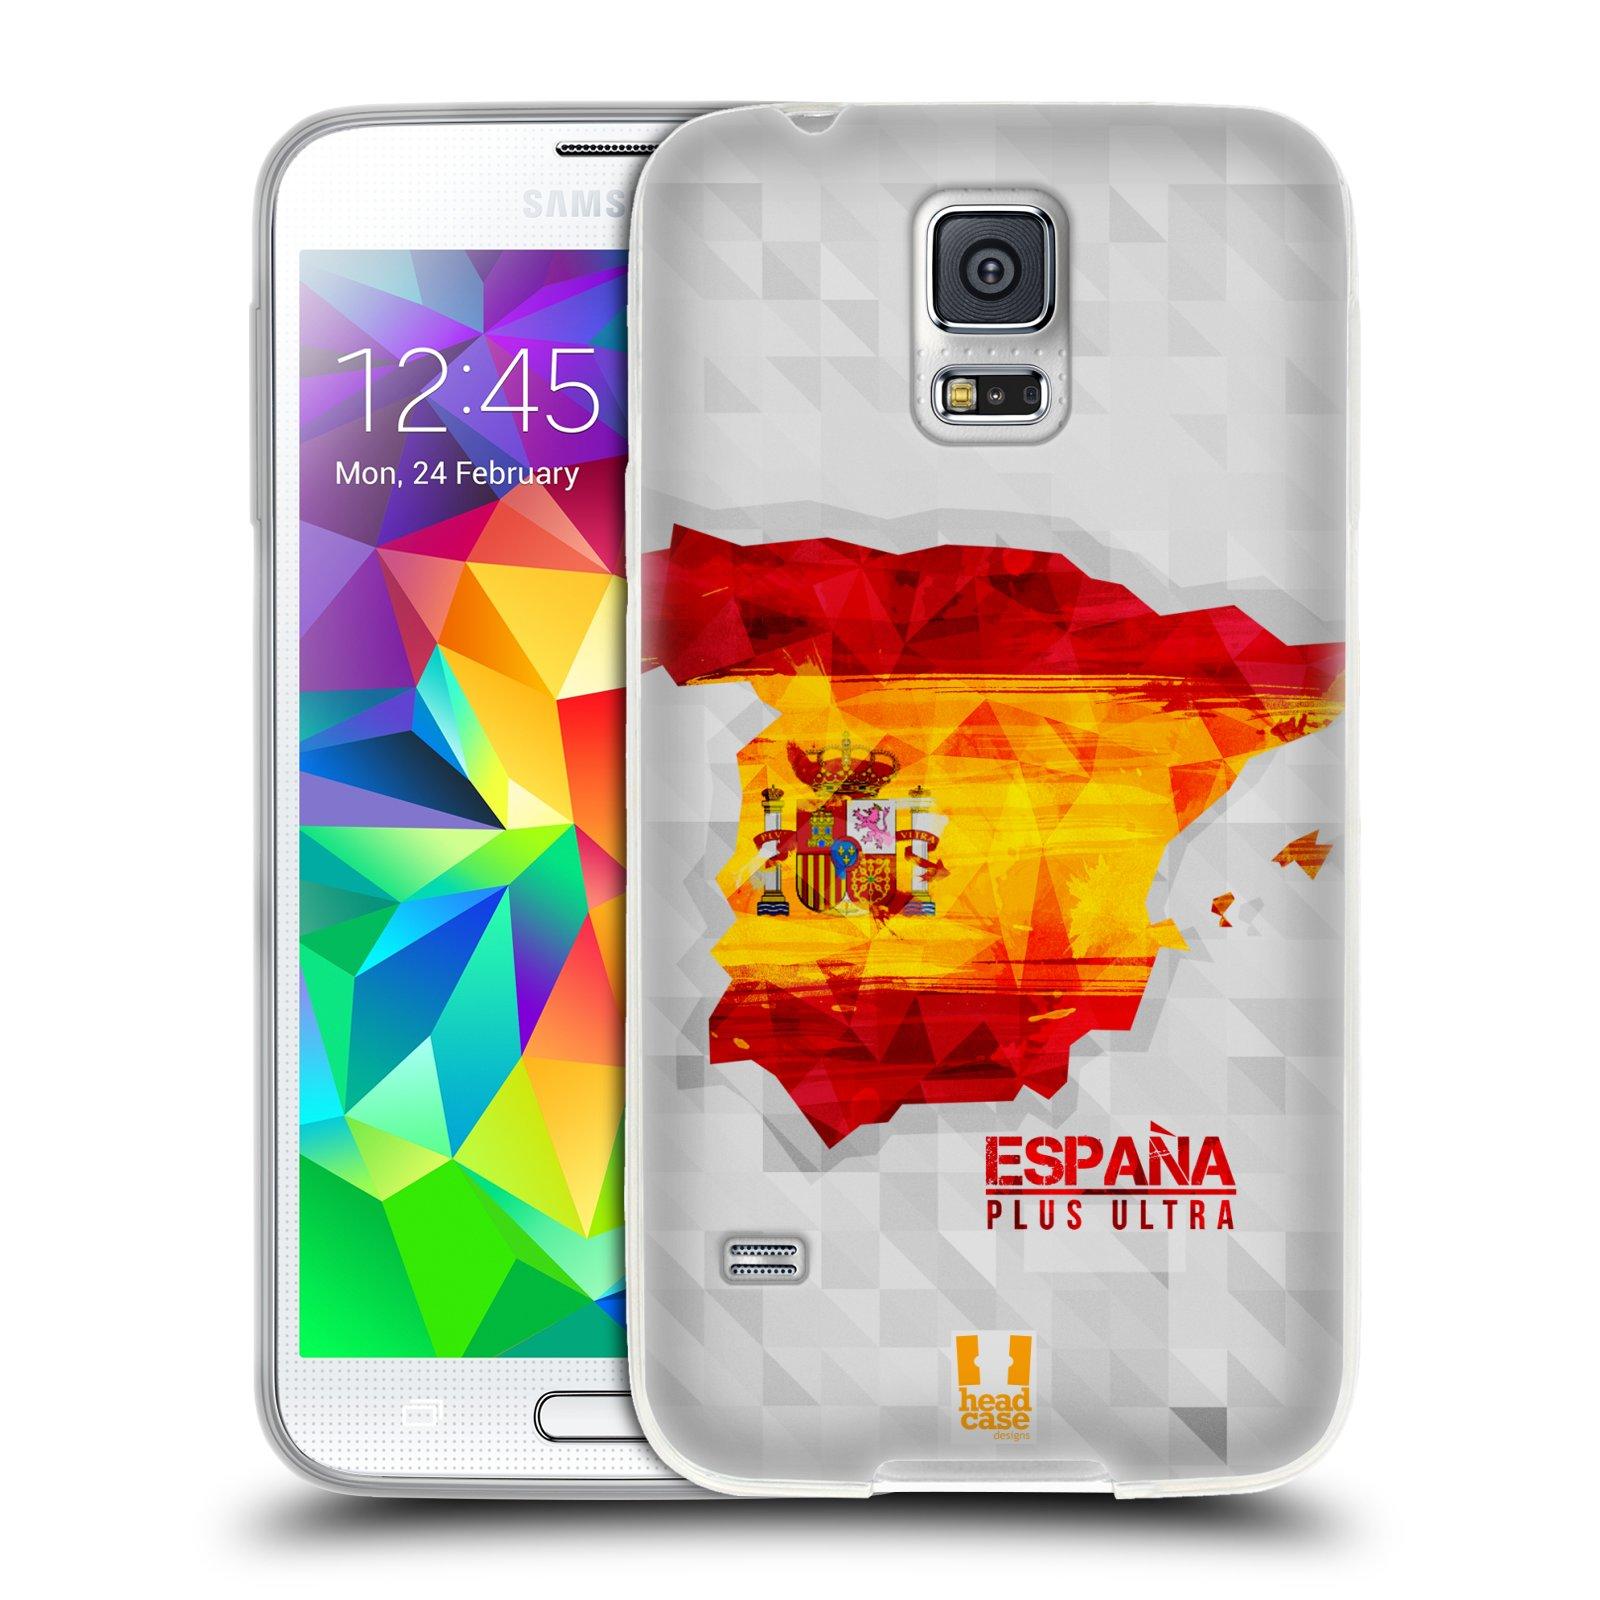 Silikonové pouzdro na mobil Samsung Galaxy S5 HEAD CASE GEOMAPA ŠPANĚLSKO (Silikonový kryt či obal na mobilní telefon Samsung Galaxy S5 SM-G900F)